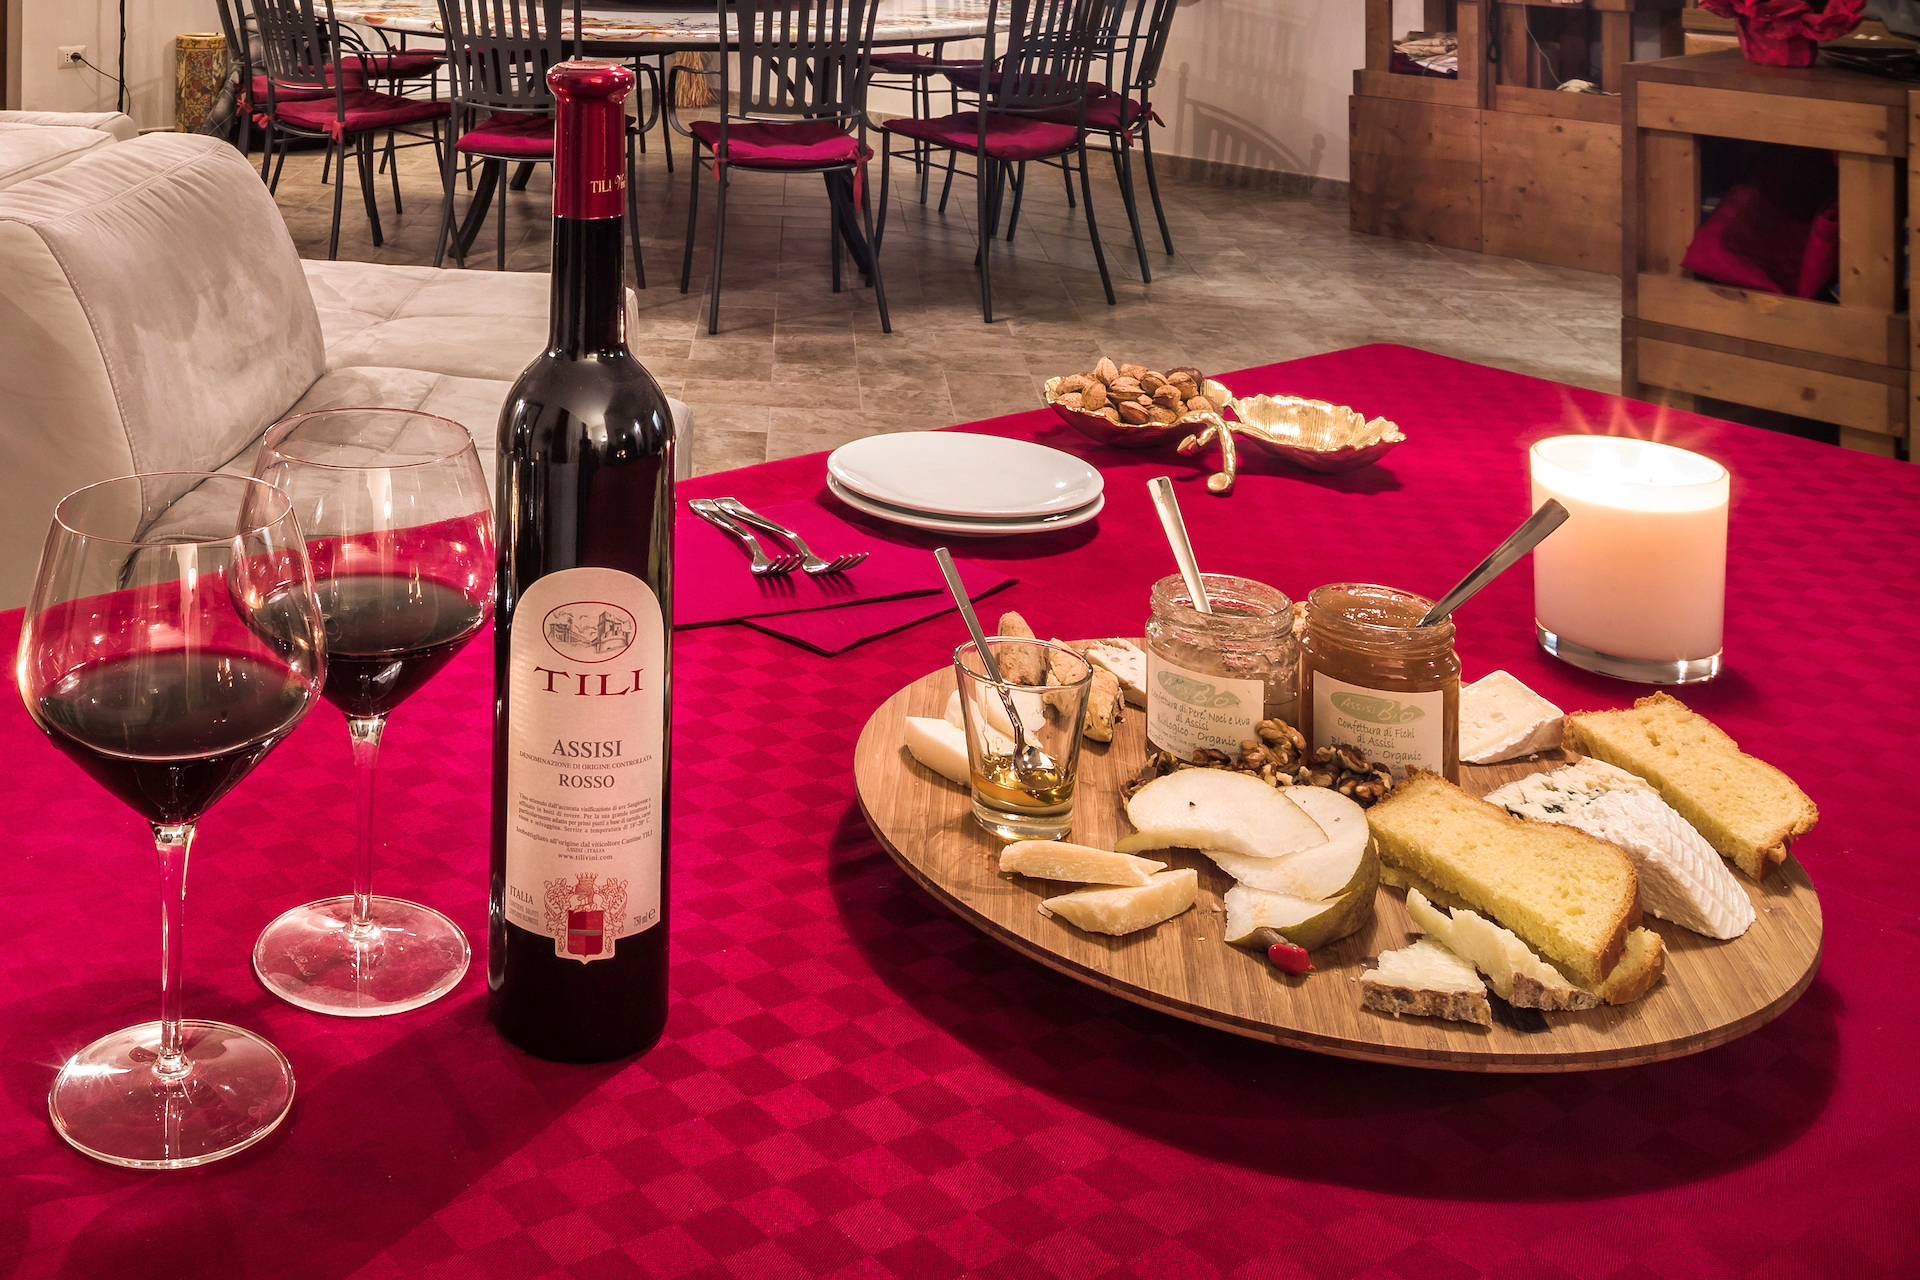 Degustazioni Assisi Tili Vini - Vini e Formaggi